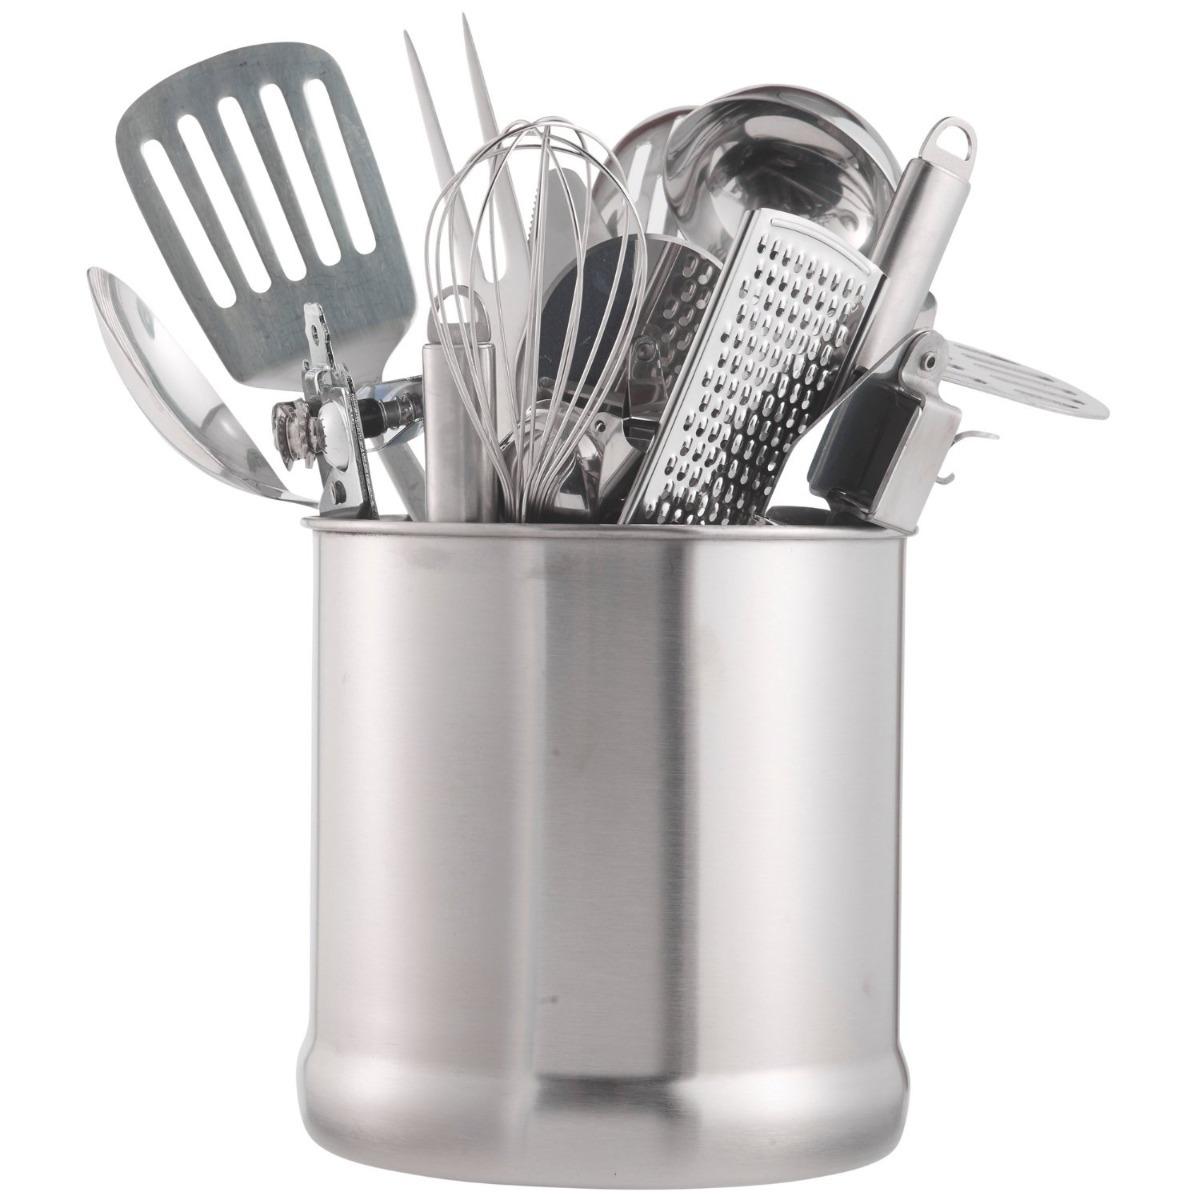 Vonshef Organizador De Utensilios De Cocina Acero Inox - $ 1,290.00 ...